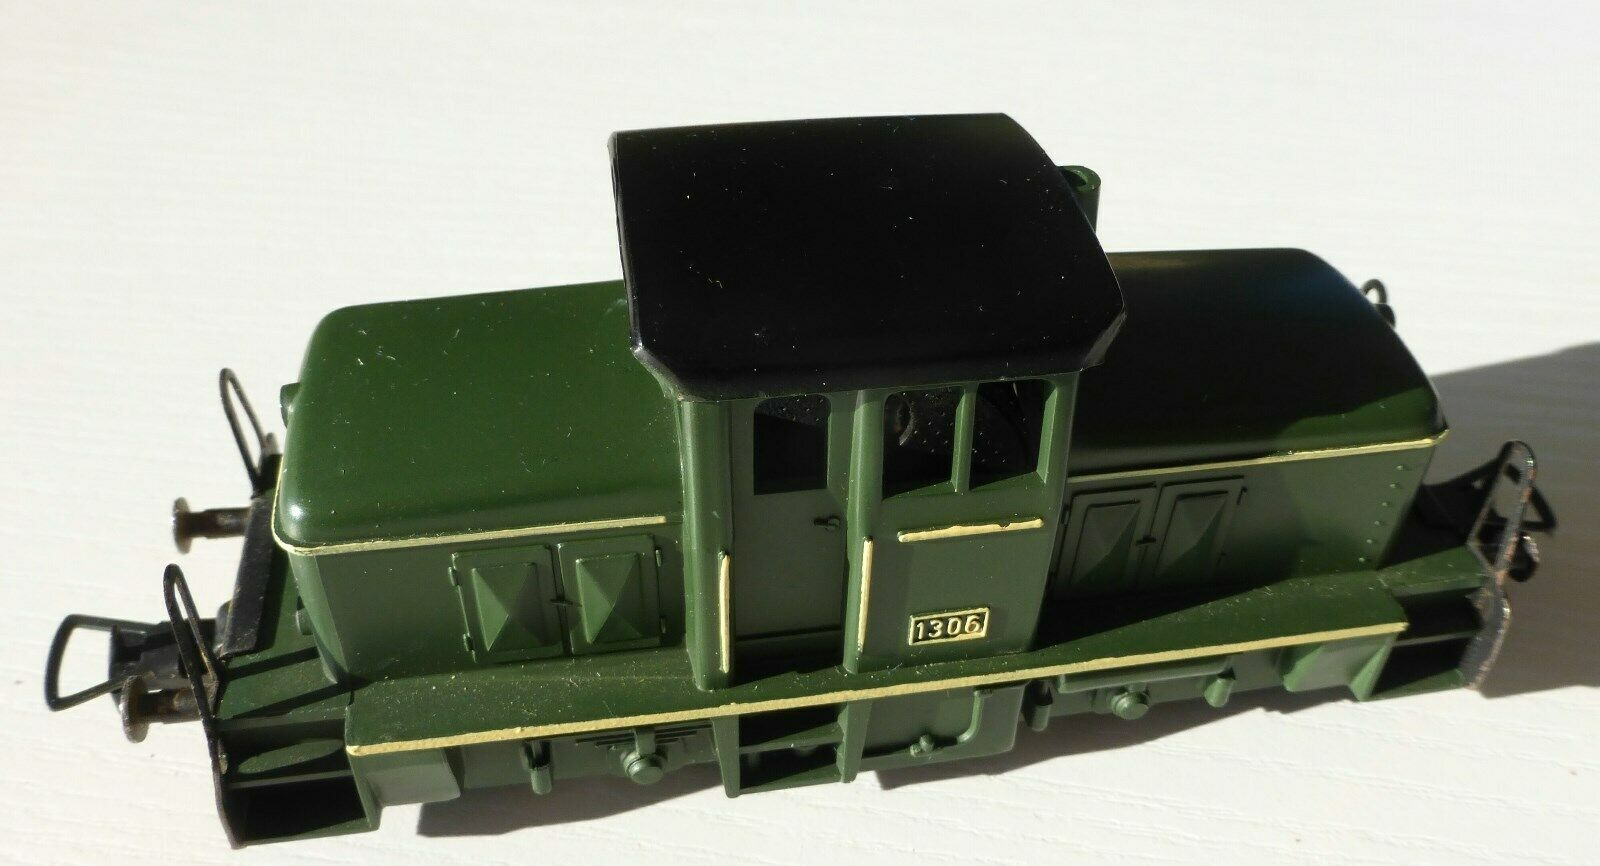 Fleischmann, H0, 4201, Diesellok 1306, grünes Gehäuse, schwarzes Dach, neuwertig  | Neuer Eintrag